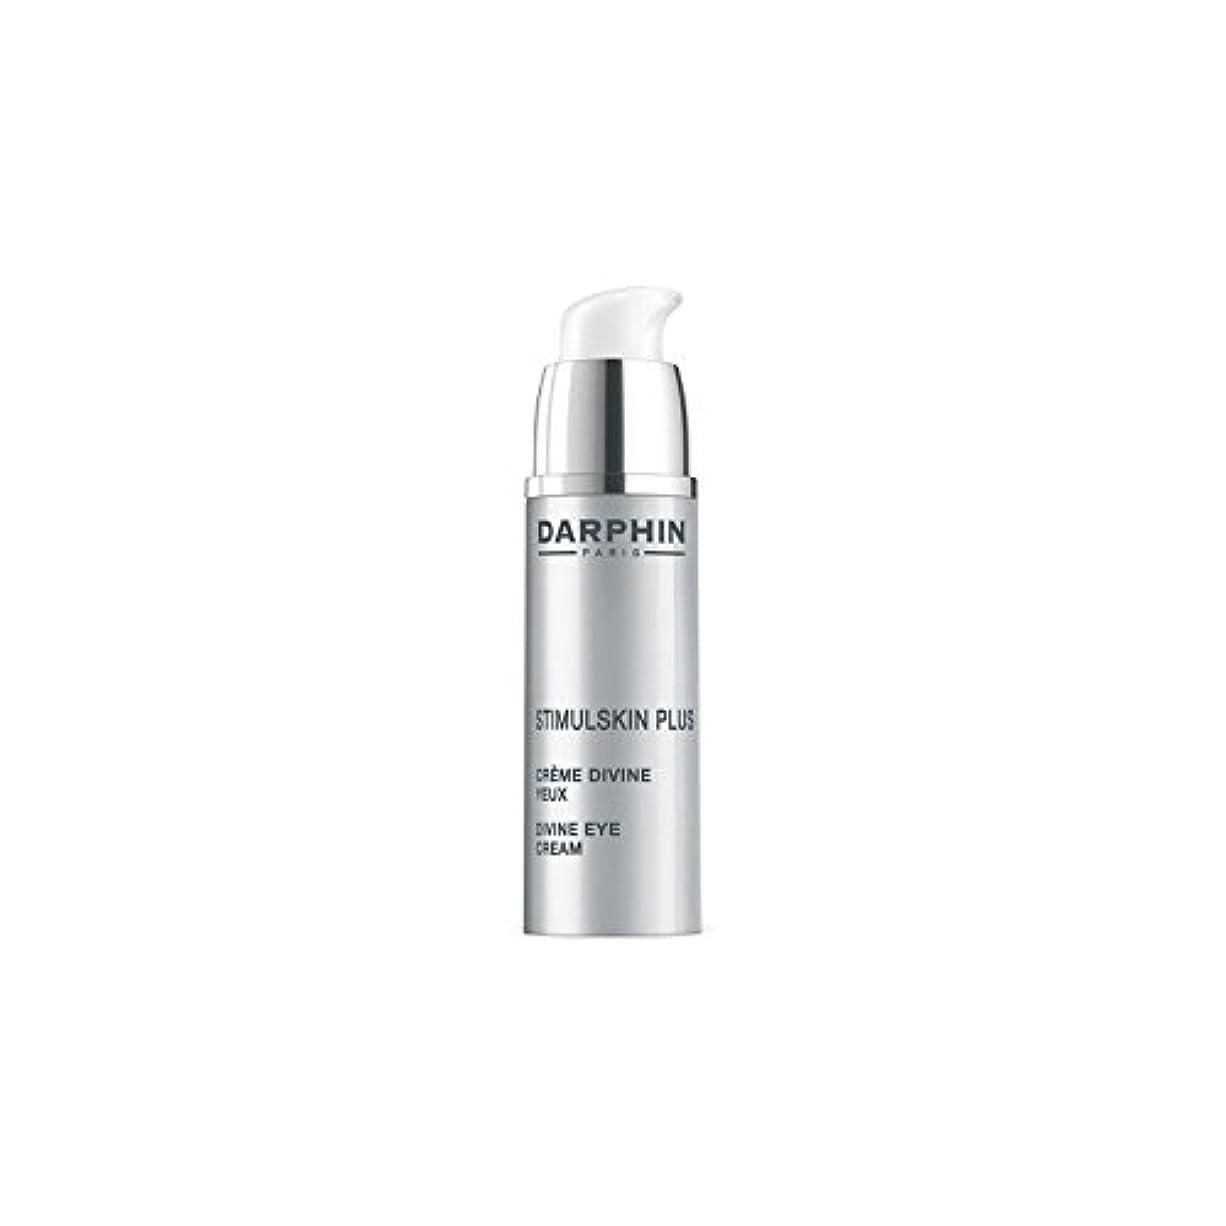 酸化する受ける暖かさDarphin Stimulskin Plus Divine Illuminating Eye Cream (15ml) (Pack of 6) - ダルファンスティプラス神の照明アイクリーム(15ミリリットル) x6 [並行輸入品]